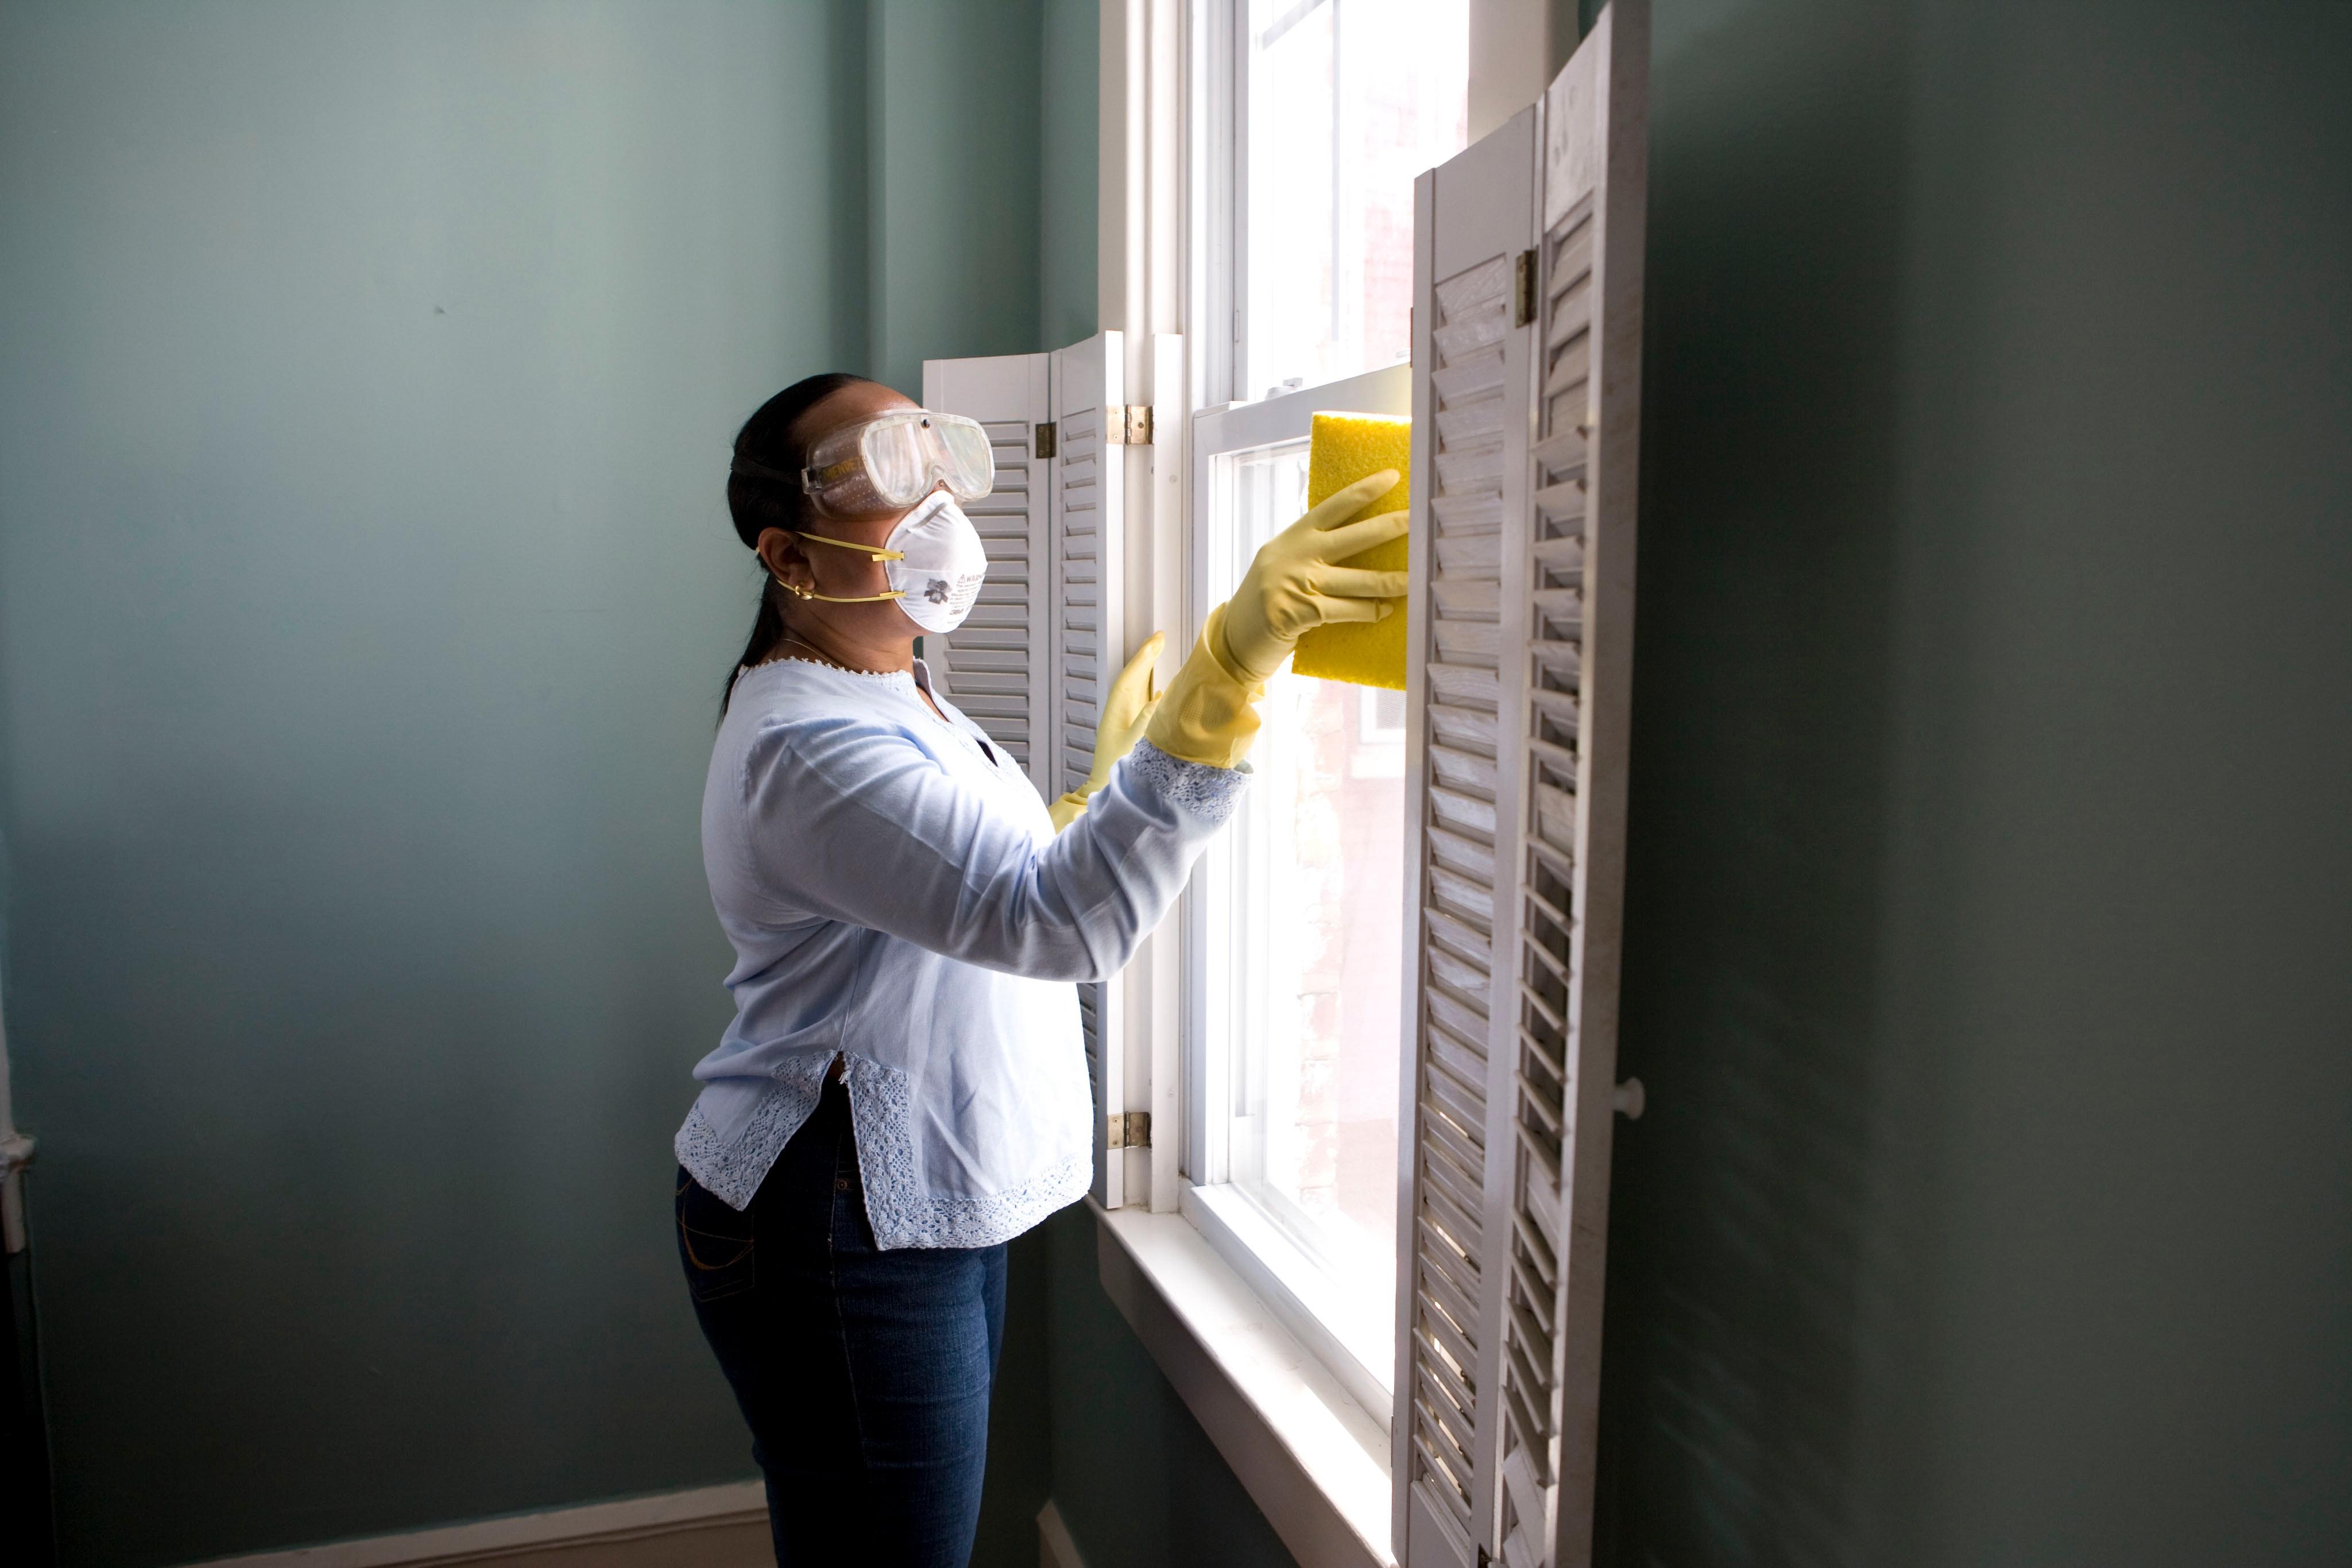 Superfícies em que encostamos com mais frequência necessitam de limpeza recorrente. Foto: CDC/Unsplash.